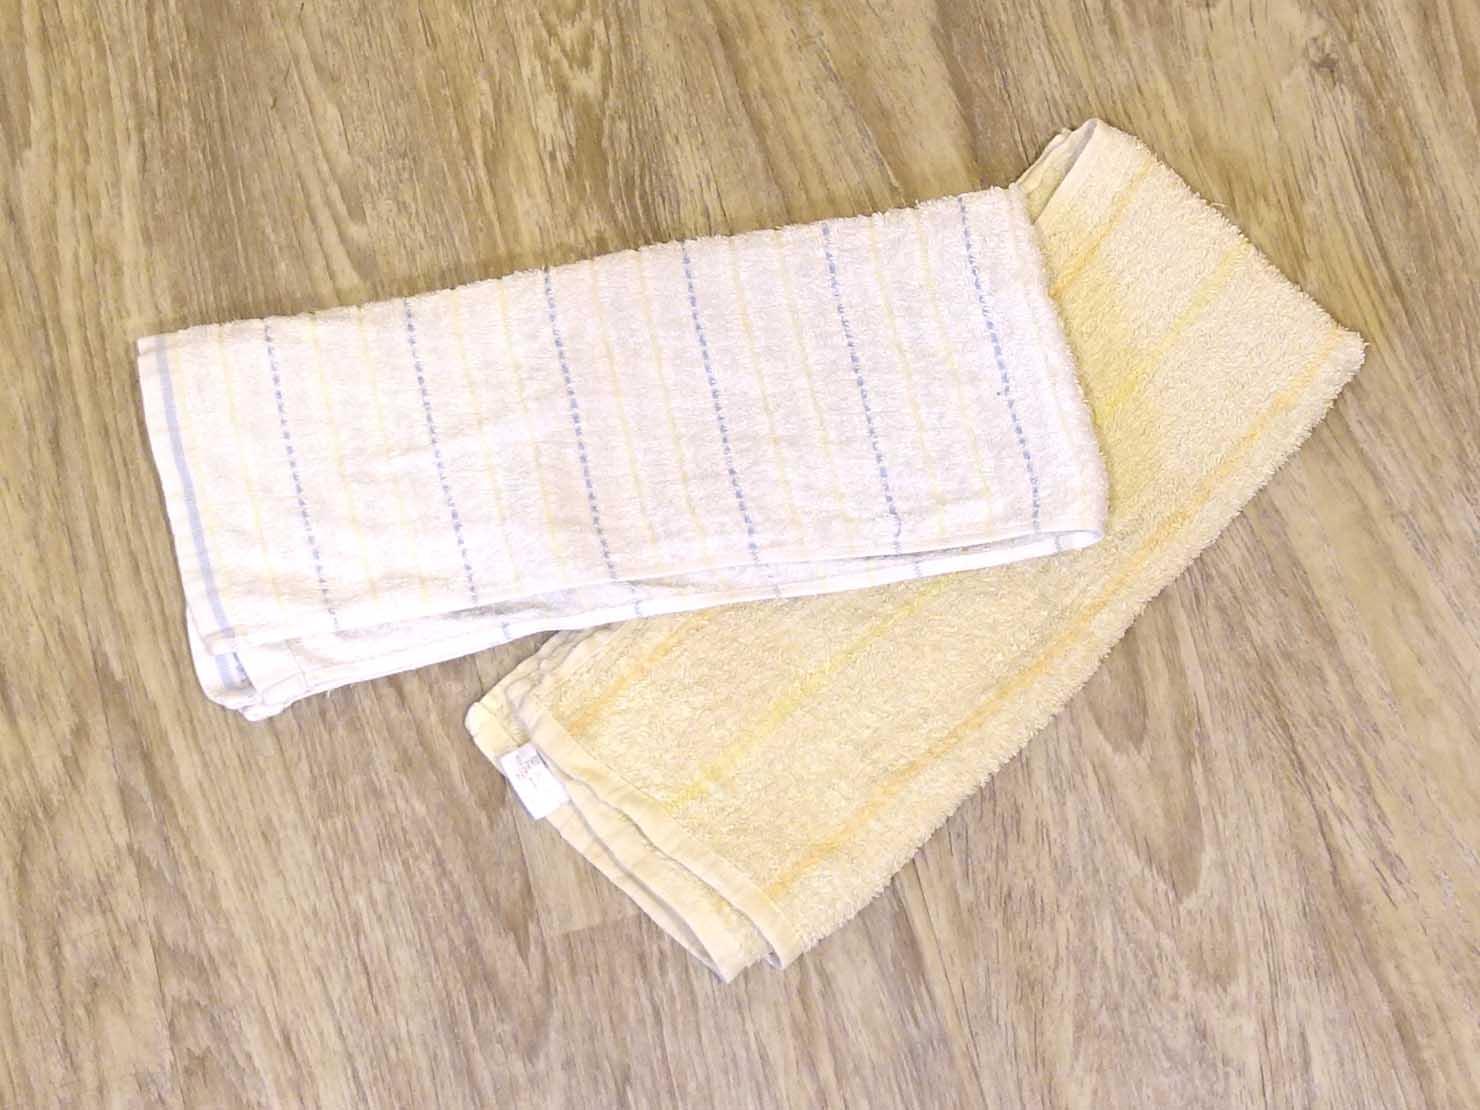 ジムでのトレーニングに必須のタオル